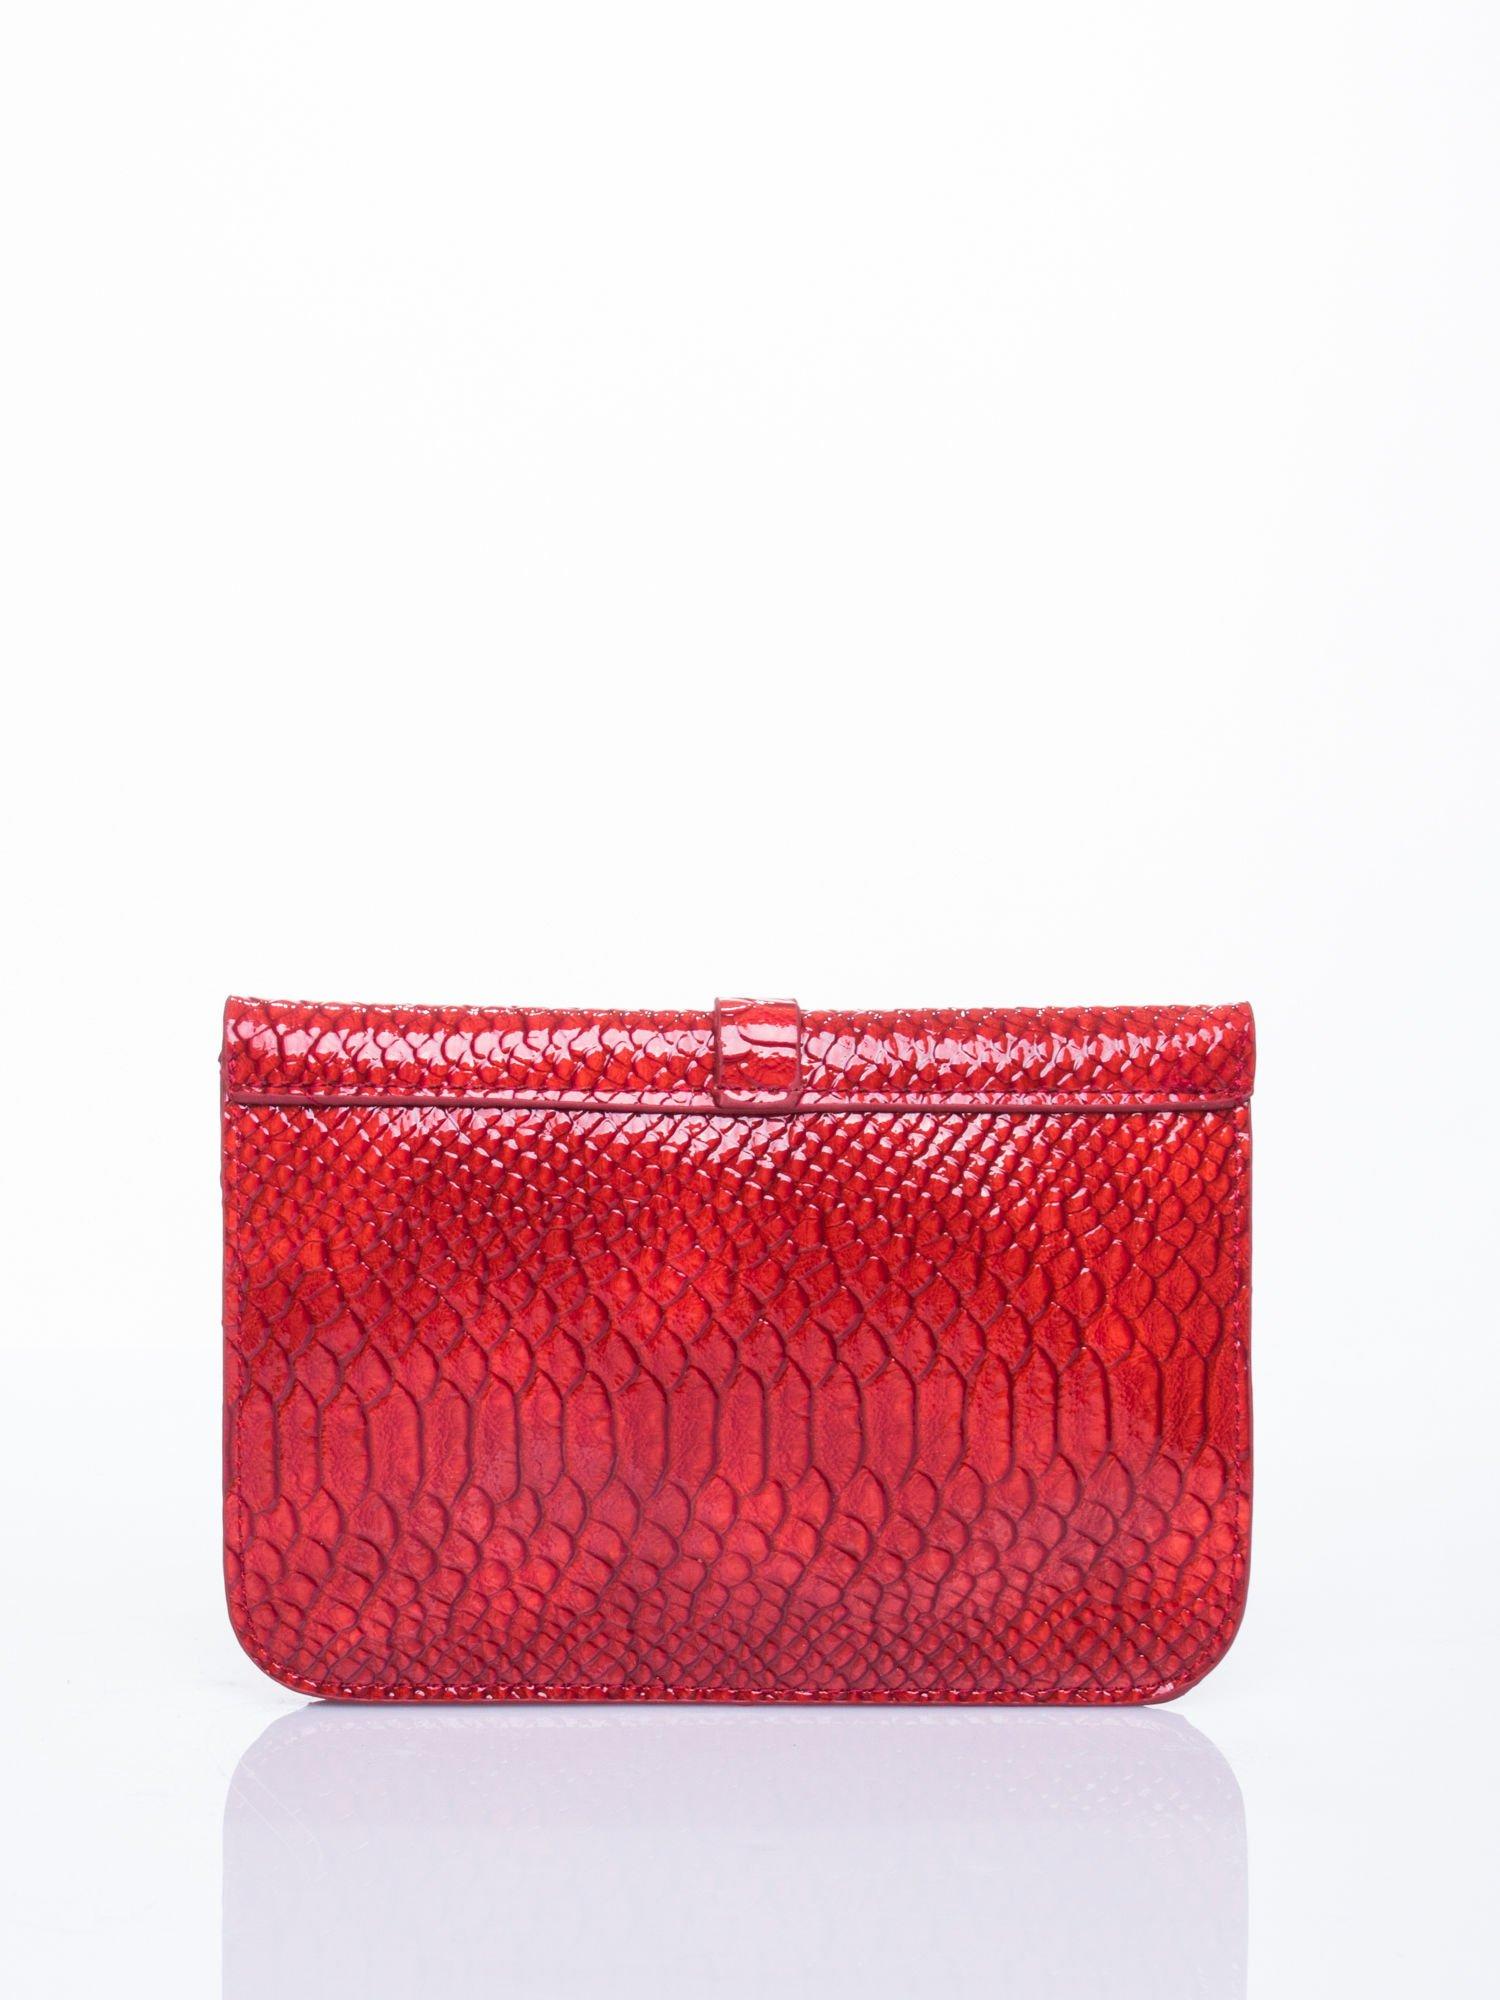 965e81ff33ede Czerwona kopertówka z motywem skóry krokodyla - Akcesoria torba ...